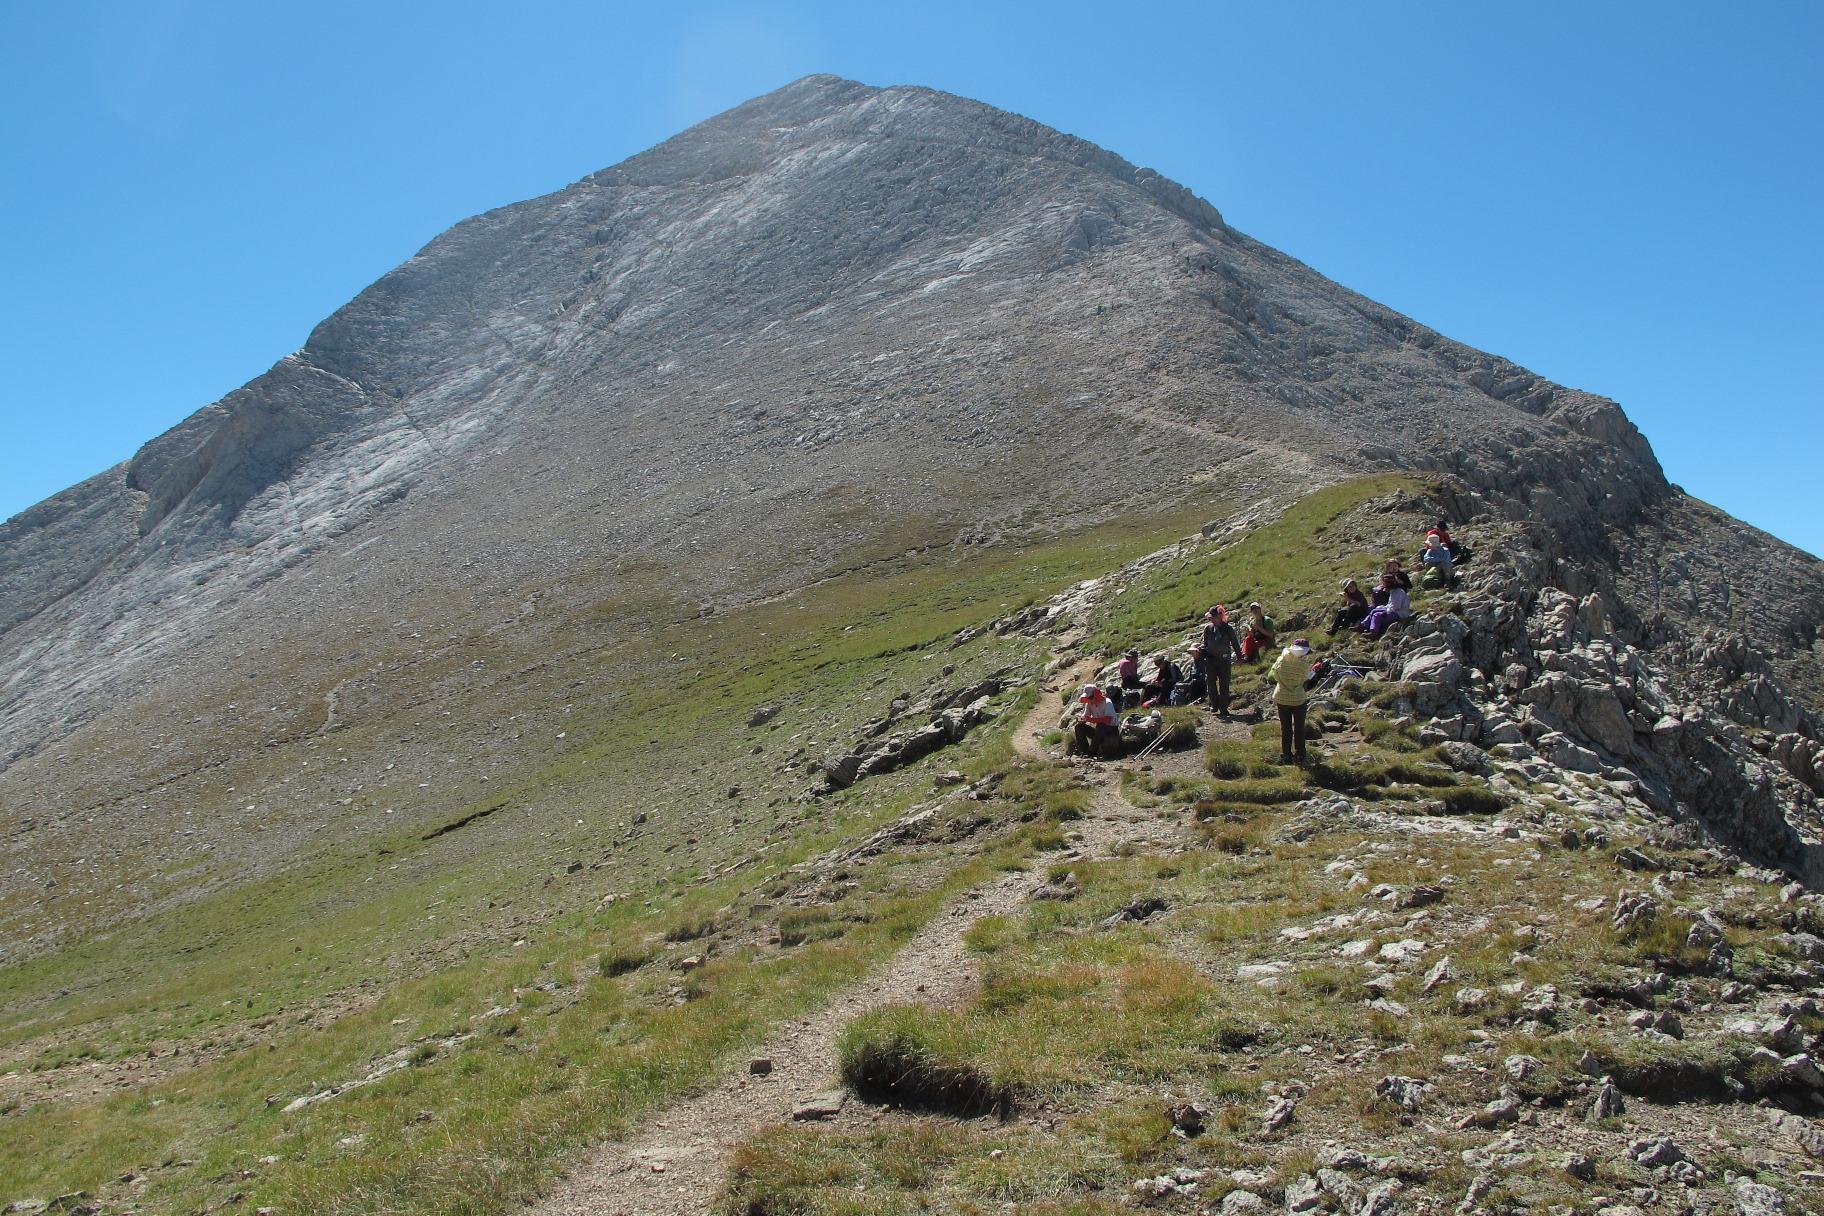 ブルガリア第二の高峰、ピラミダルな大理石の山のビフレン山(2,914m /7日目)